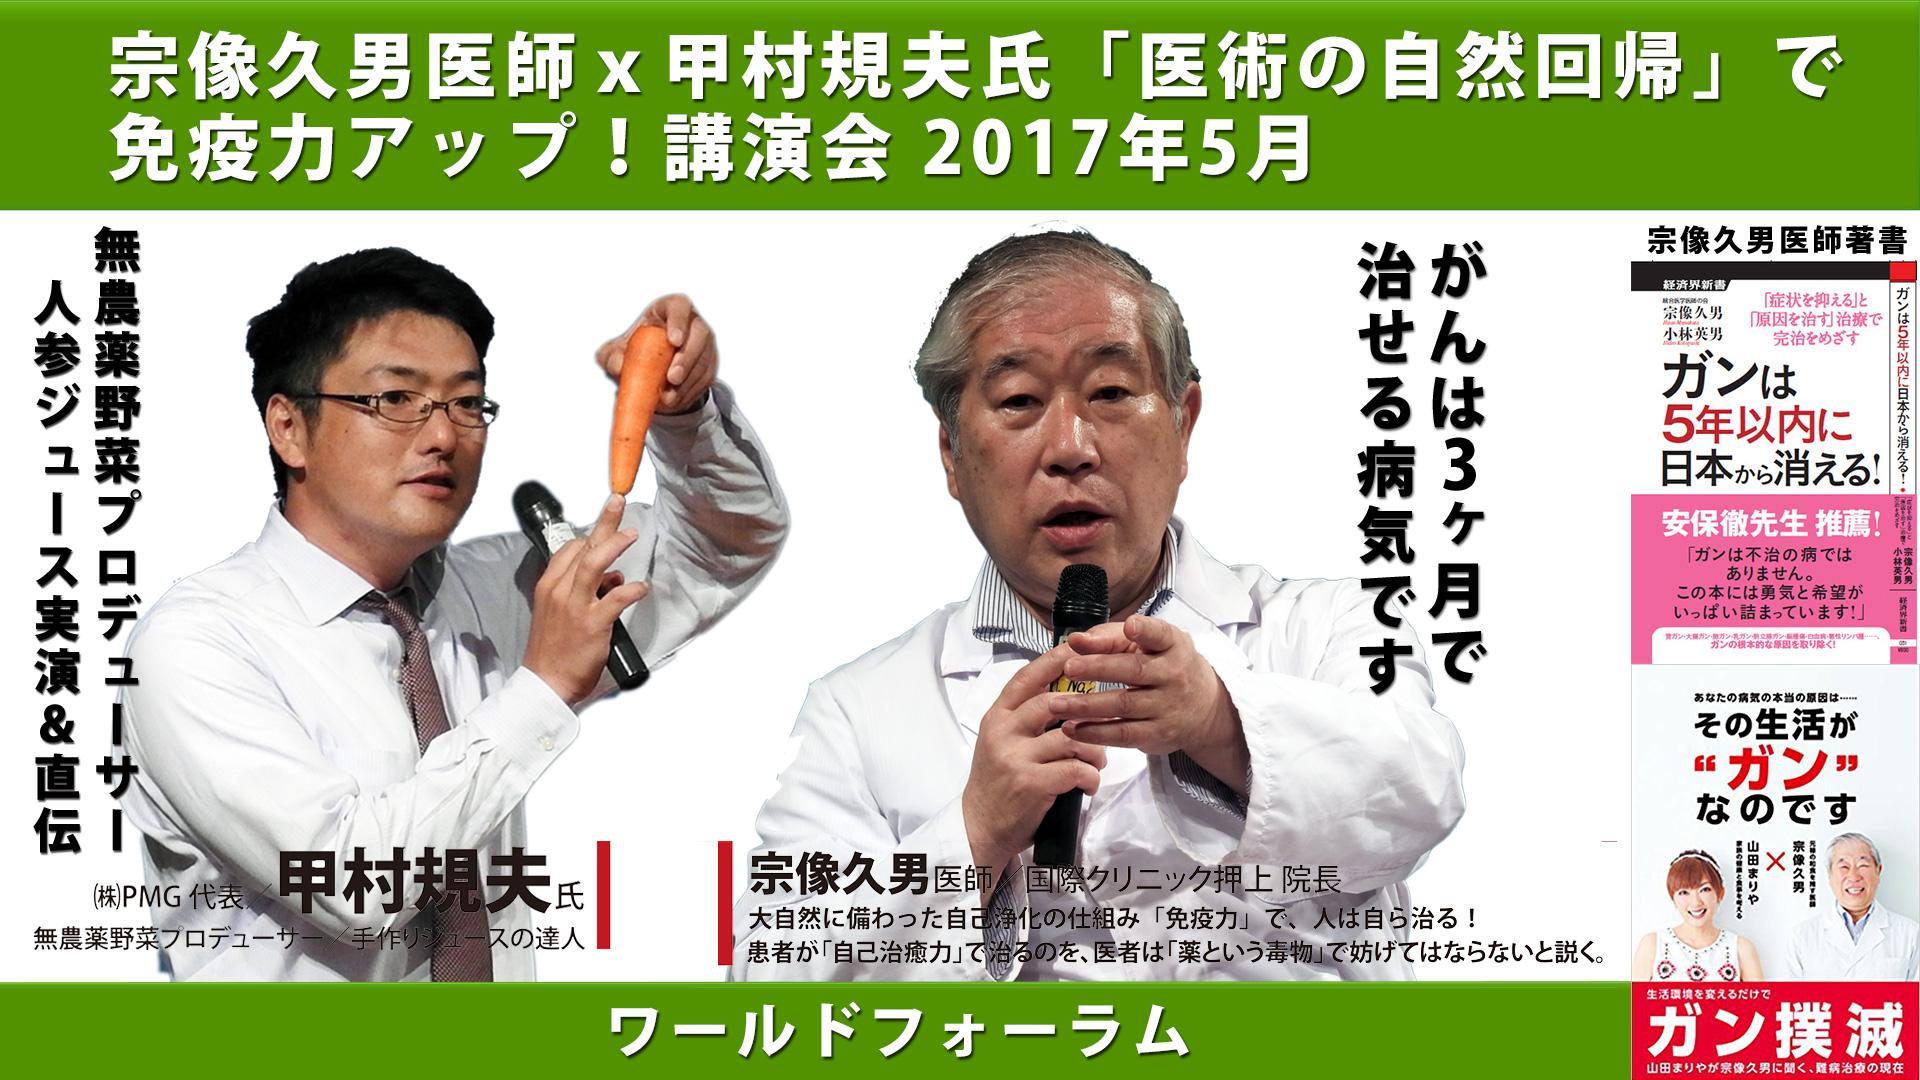 宗像久男x甲村規夫「医術の自然回帰」で免疫力アップ!講演会ワールドフォーラム 2017年5月